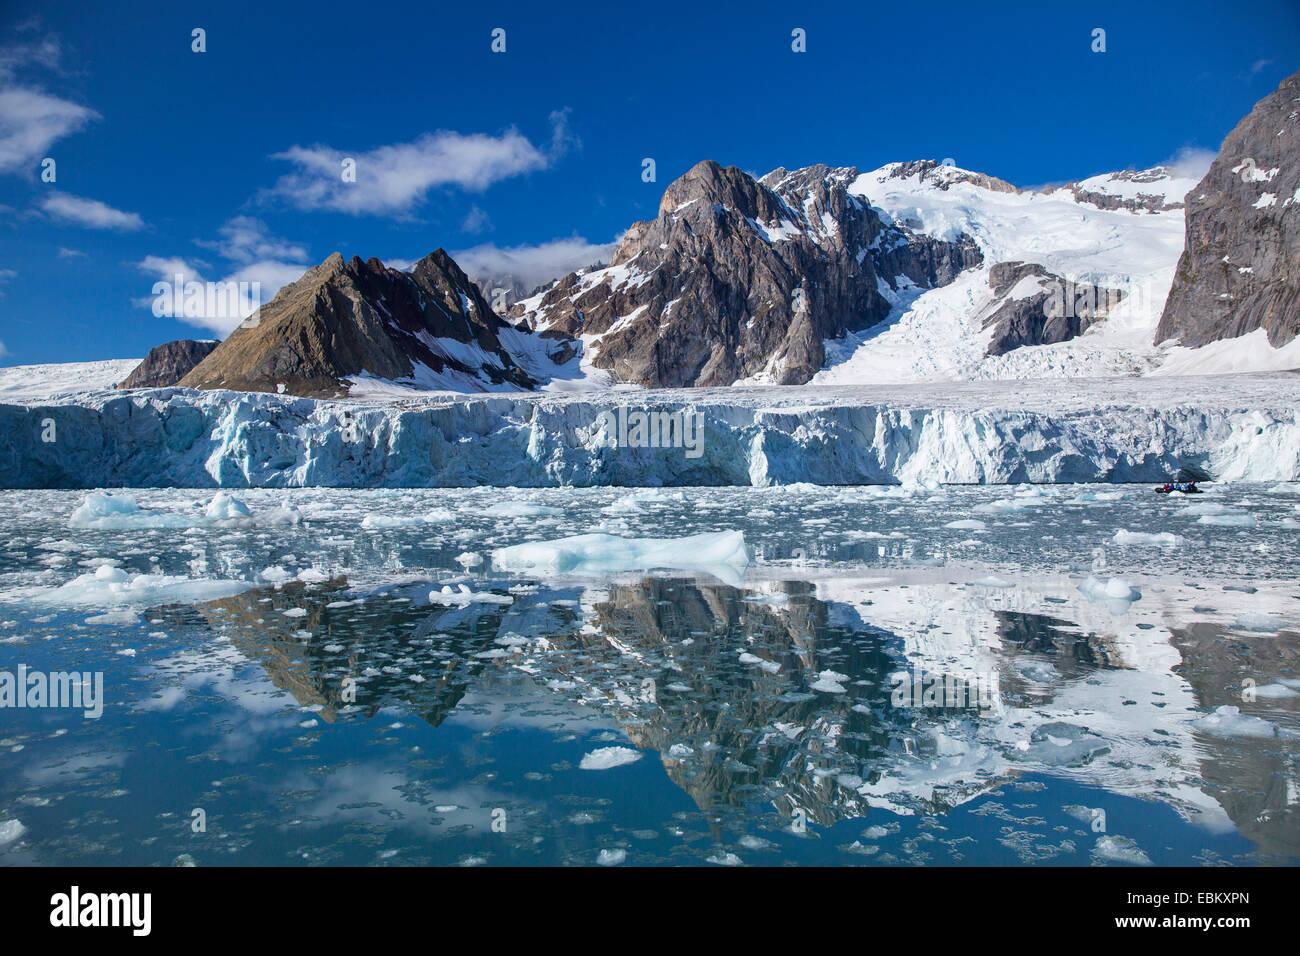 Samarinbreen glacier, Norway, Svalbard, Samarinvagen - Stock Image